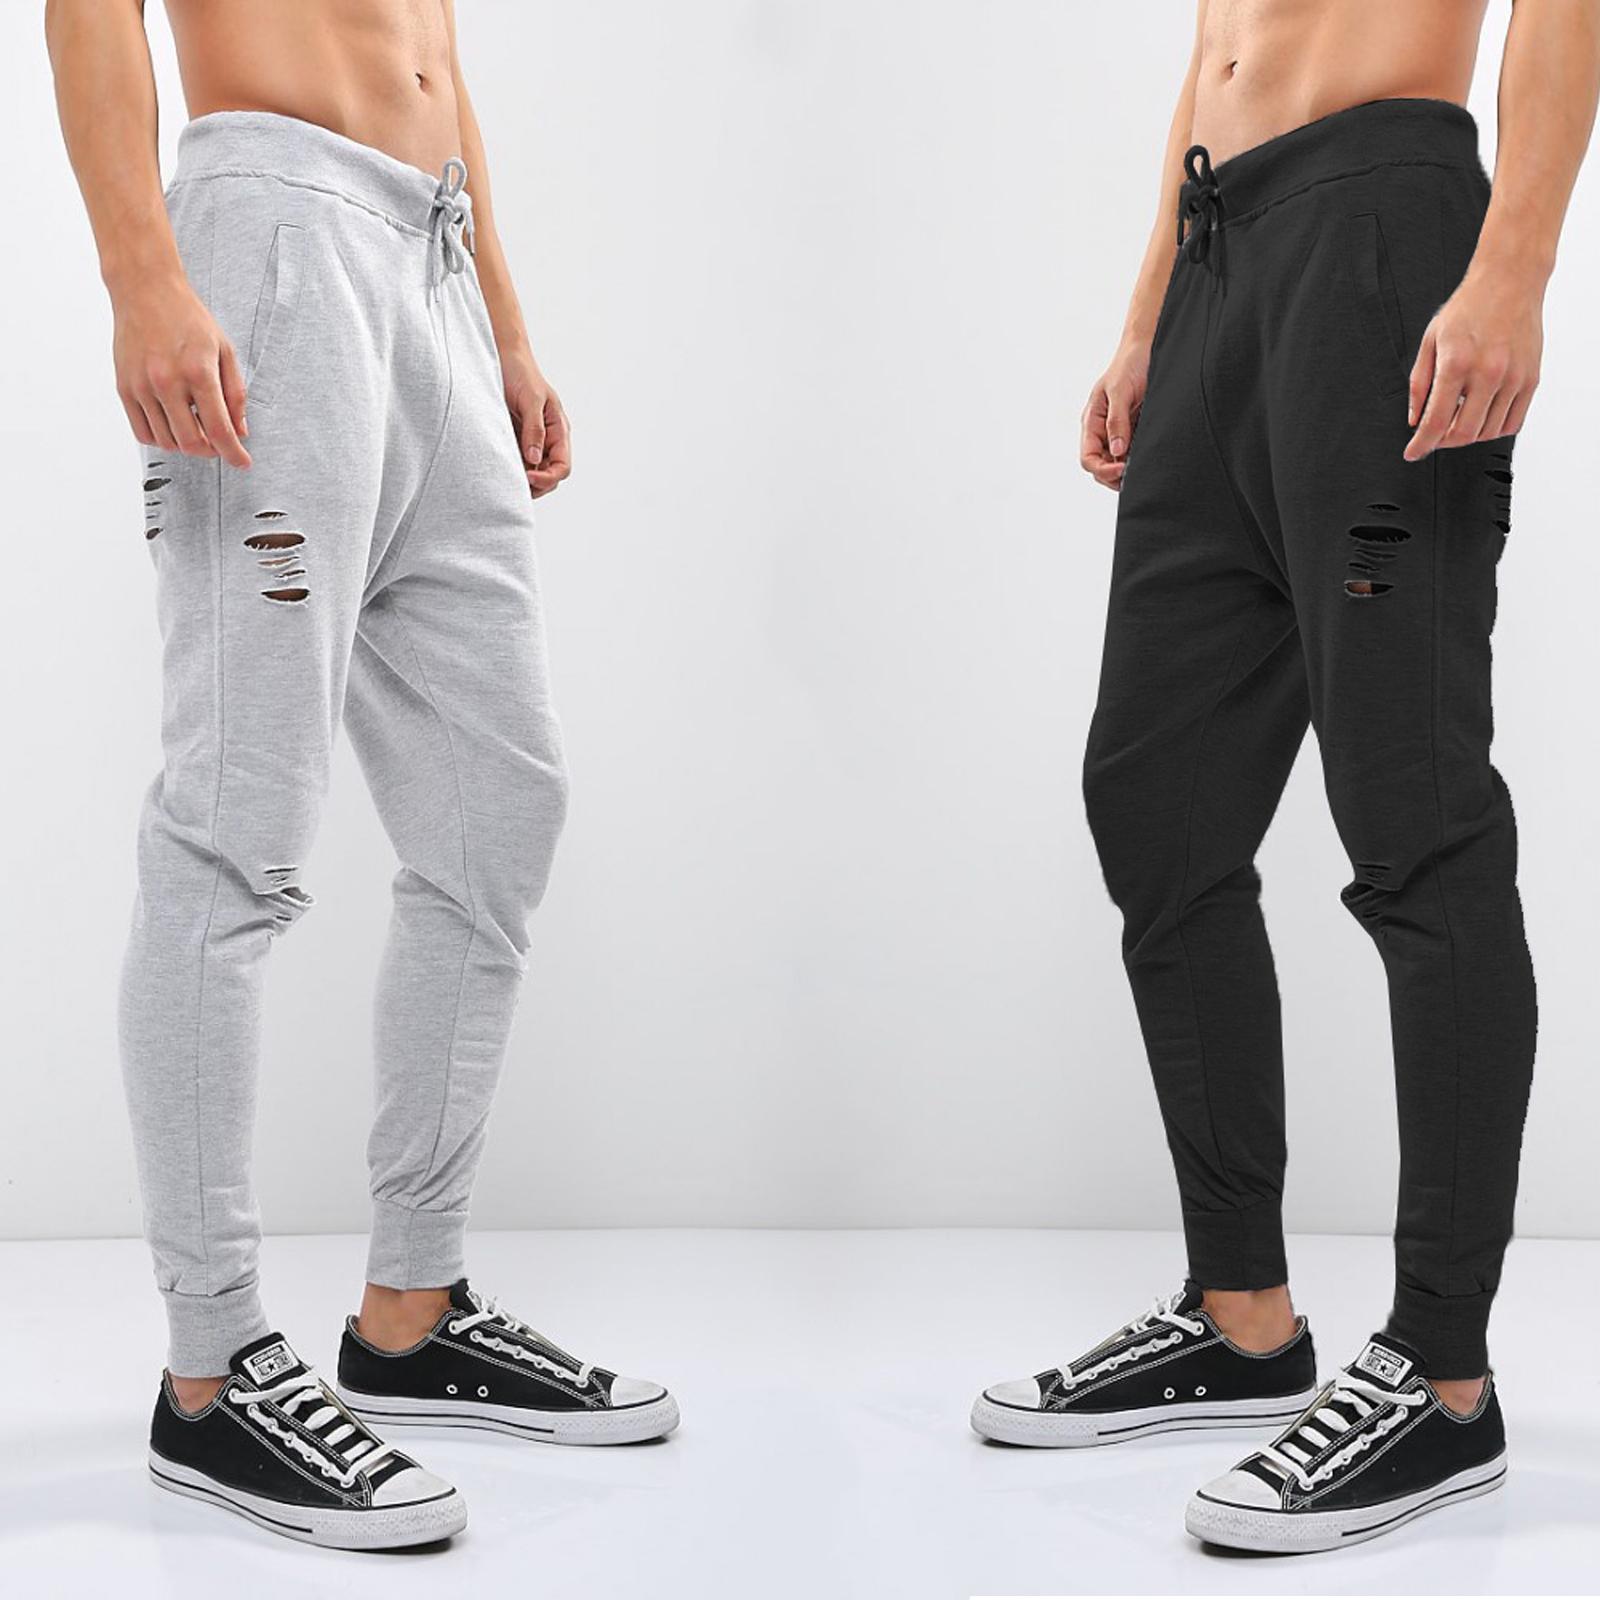 c94c9971 Details about Men's Brave Soul Distressed Joggers Black & Grey NEW Sizes  S-XL